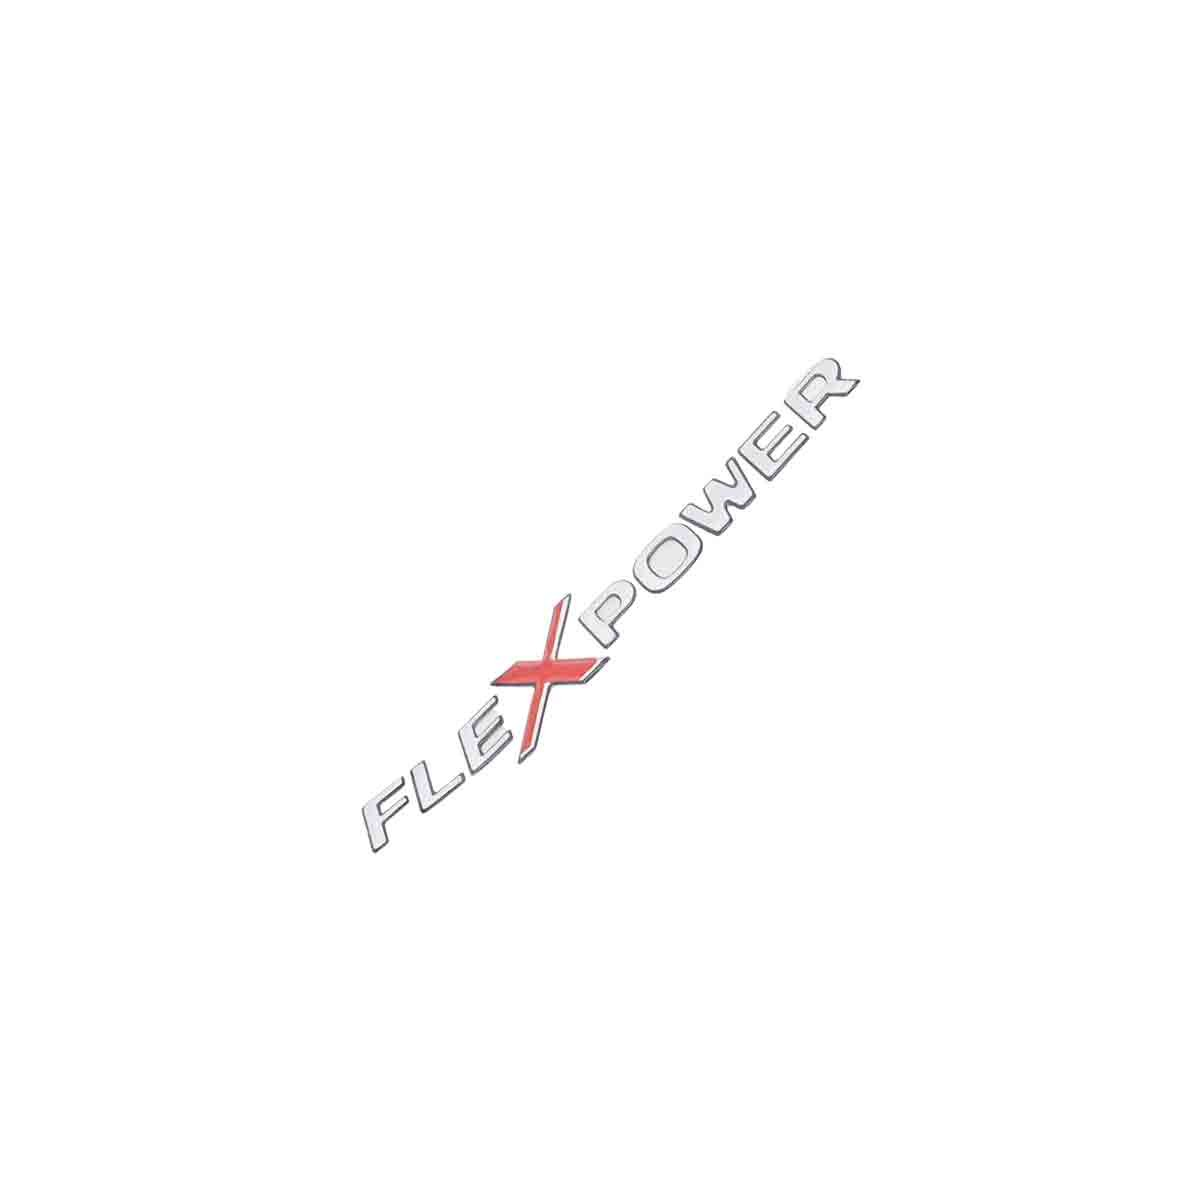 Emblema Flexpower Resinado GM